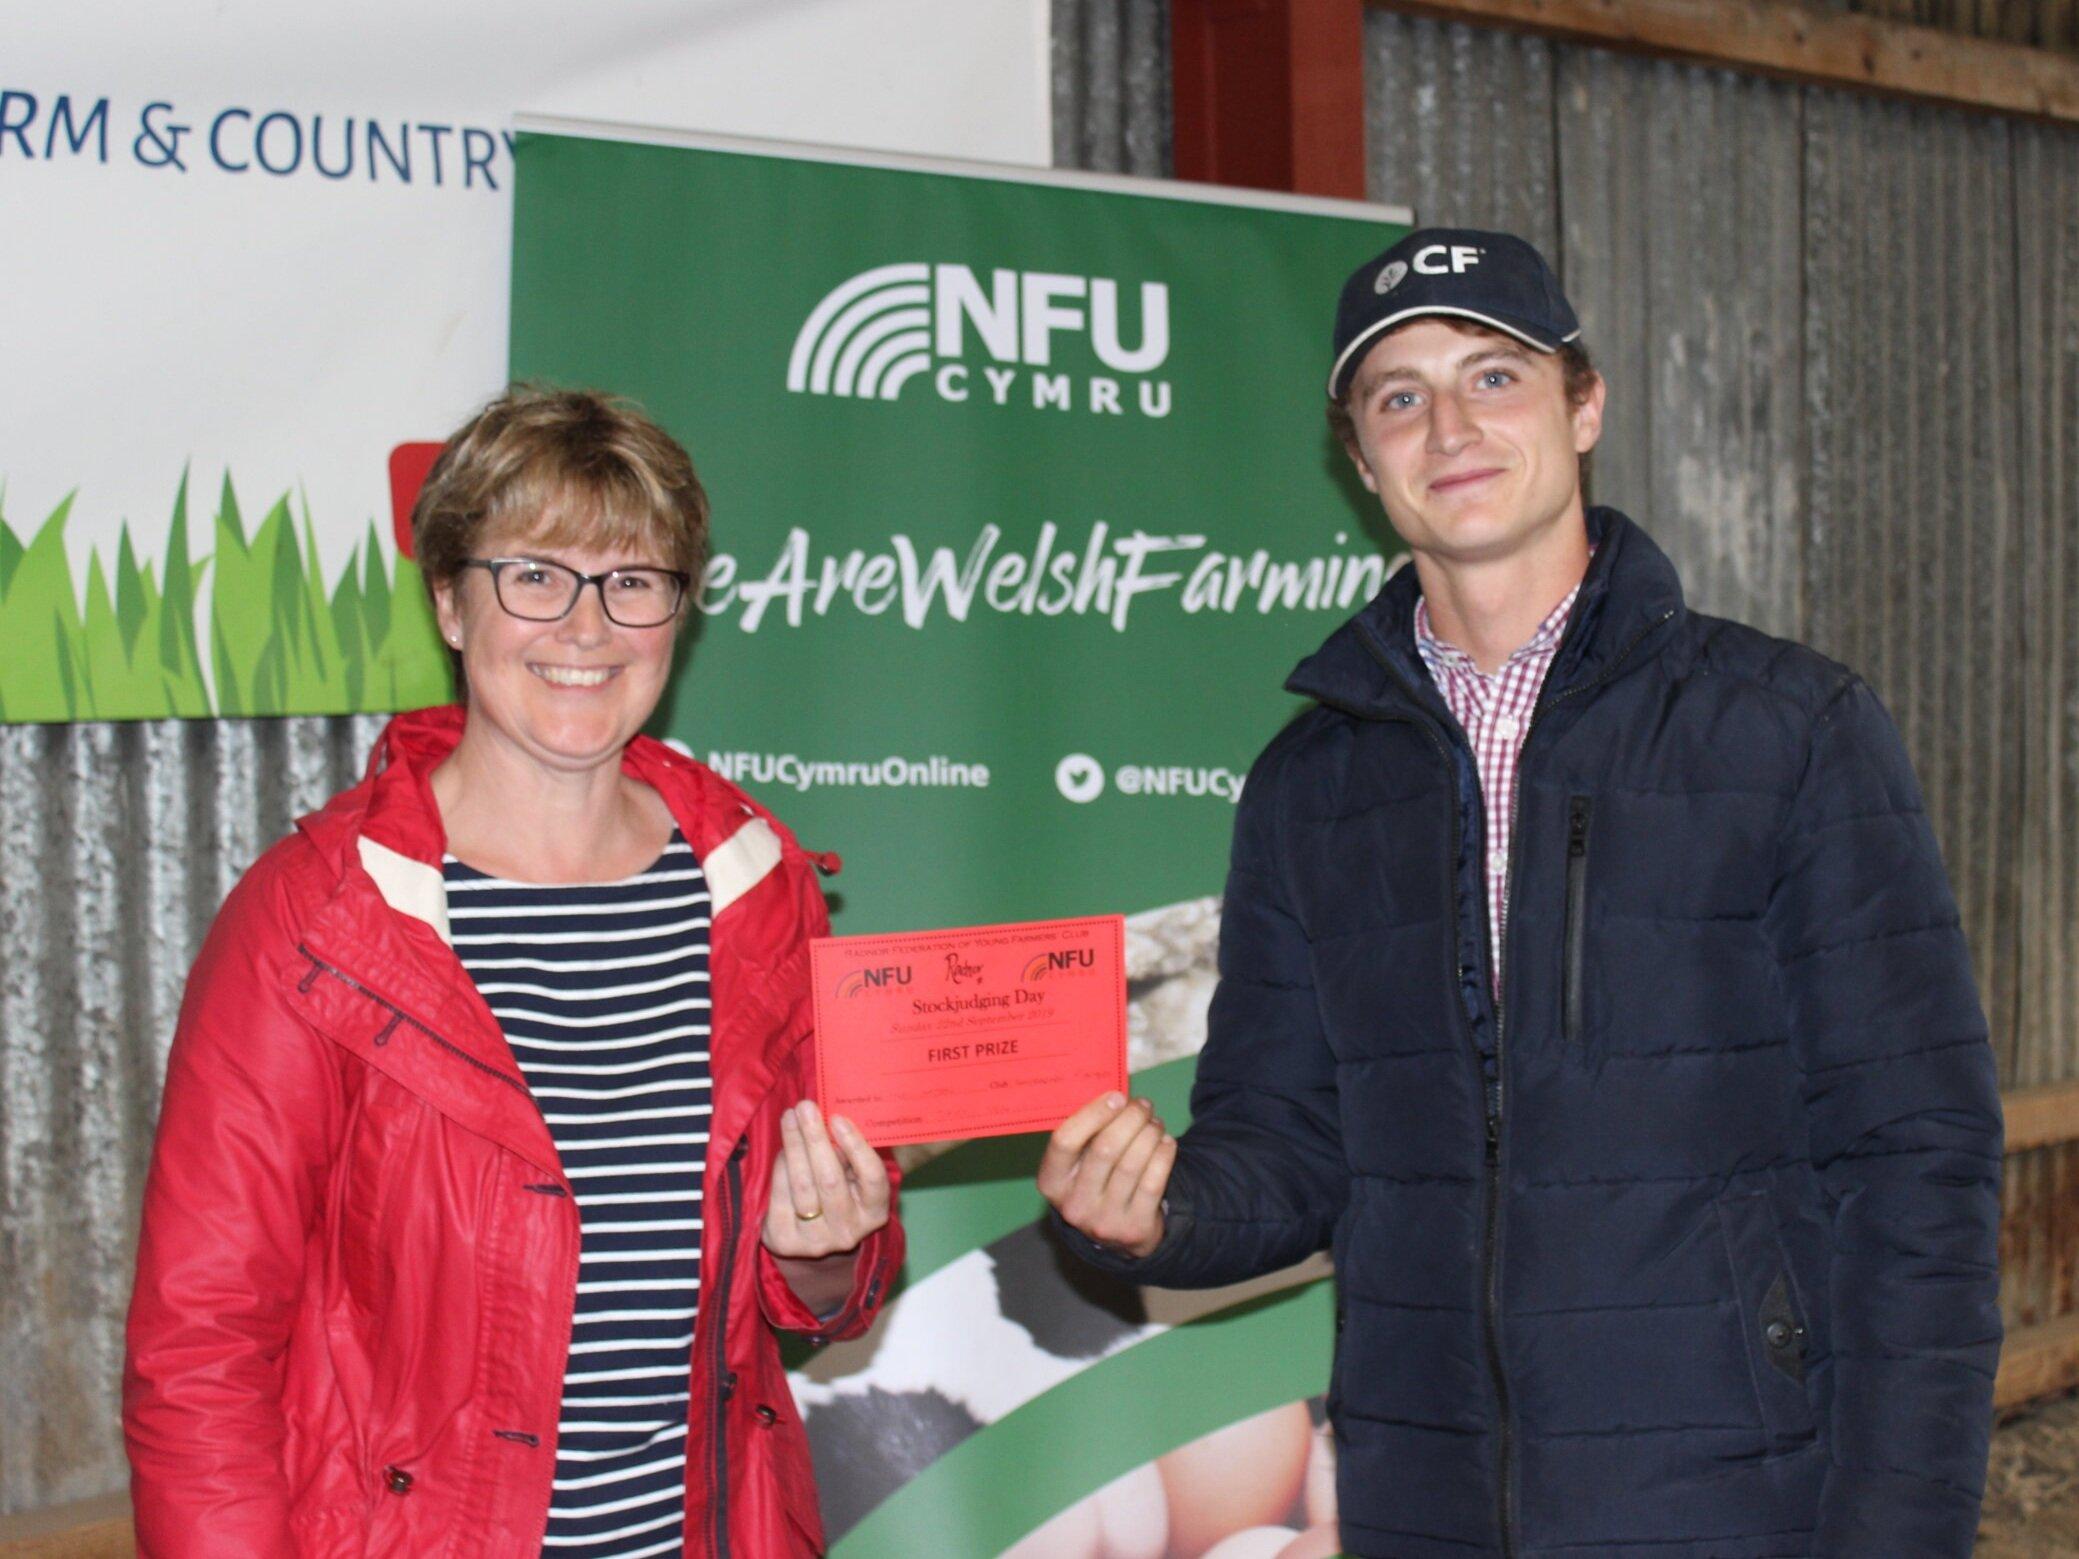 Hywel Watson, Llanbadarn Fynydd YFC - 1st place in the Senior Dairy with Amanda Watson.